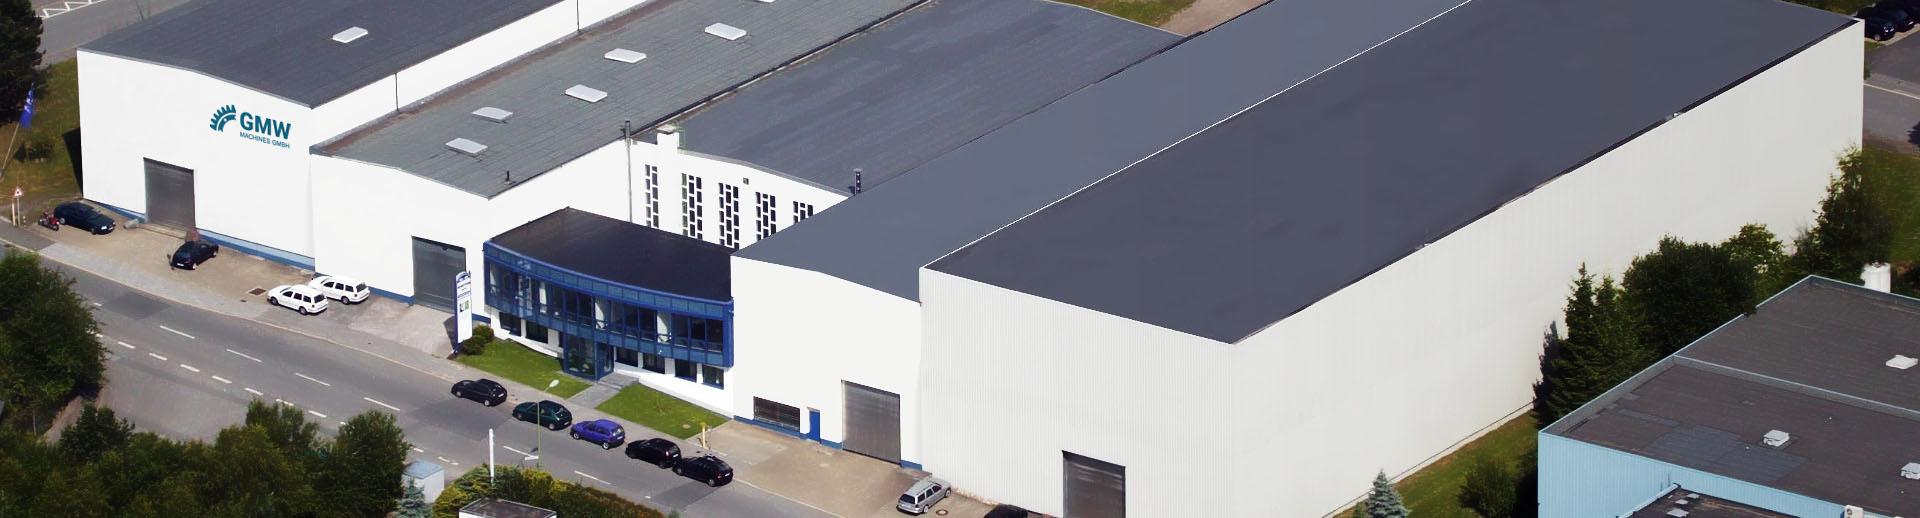 Luftaufnahme Unternehmensgebäude GMW